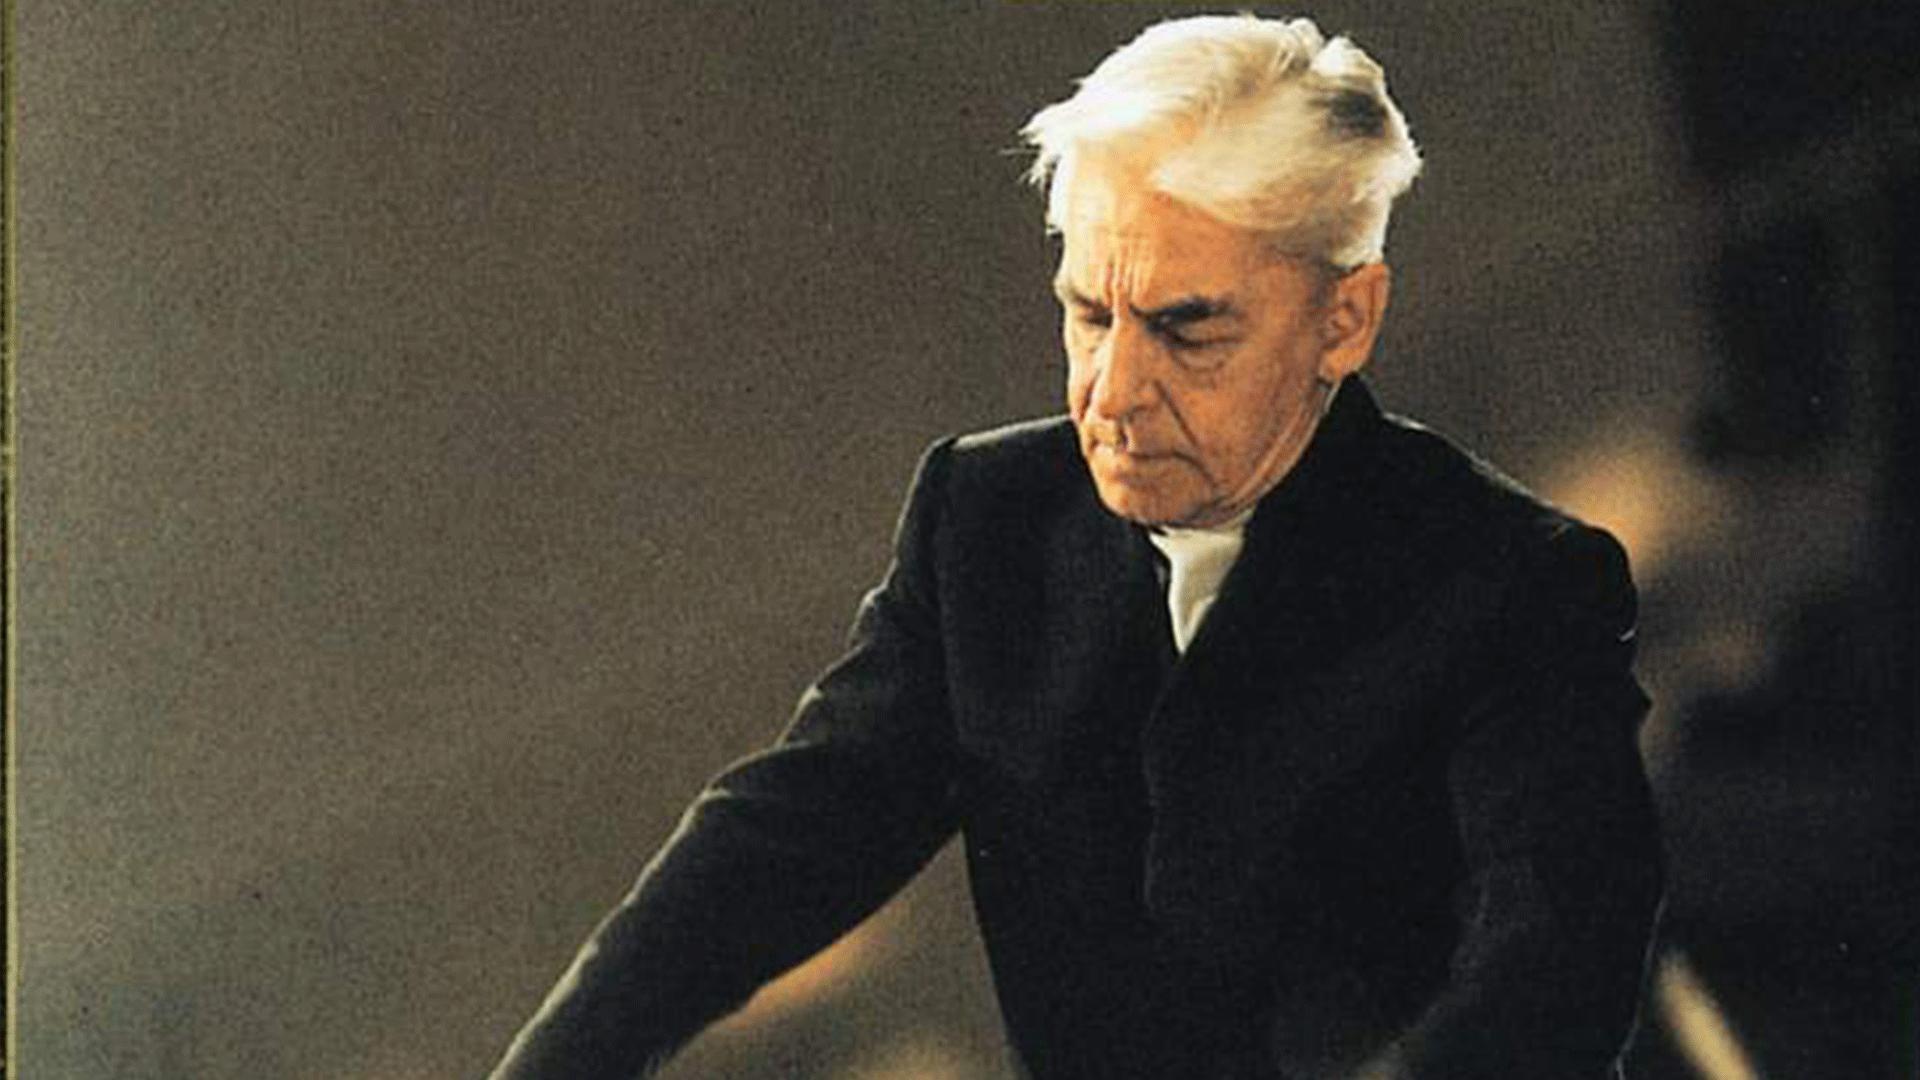 Herbert von Karajan dirige la Symphonie n°8 de Beethoven